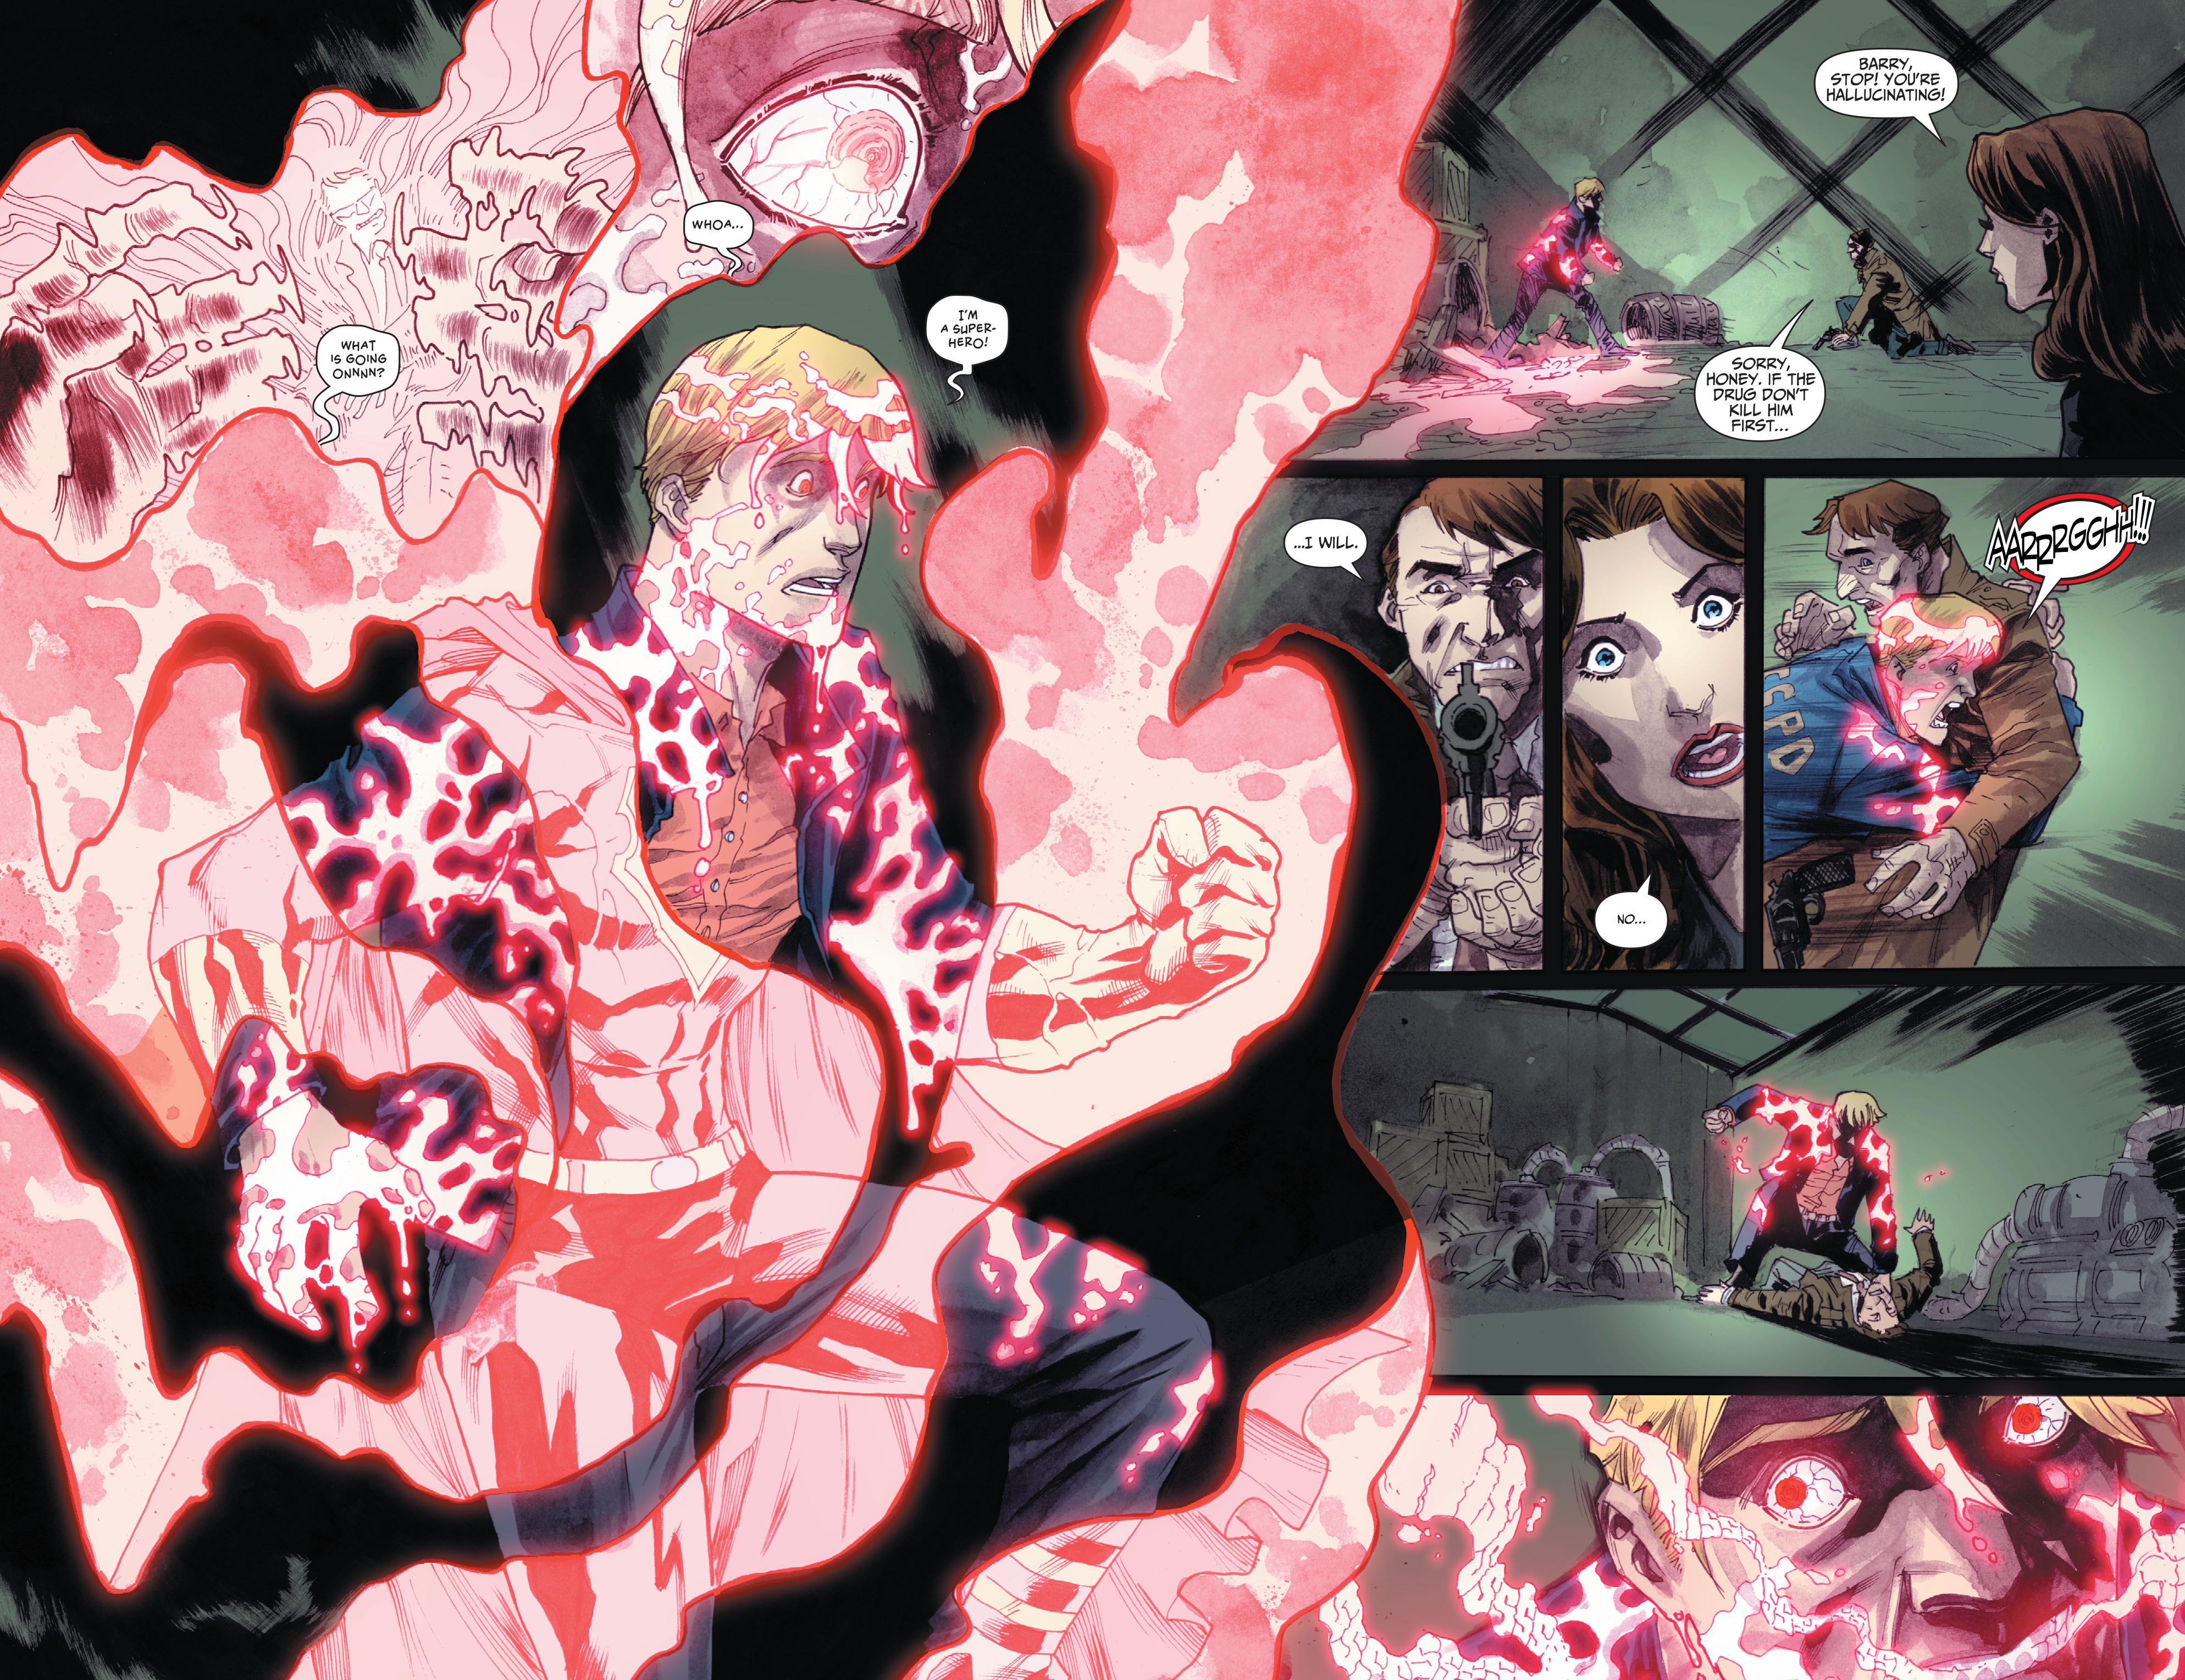 DC Comics: Zero Year chap tpb pic 275